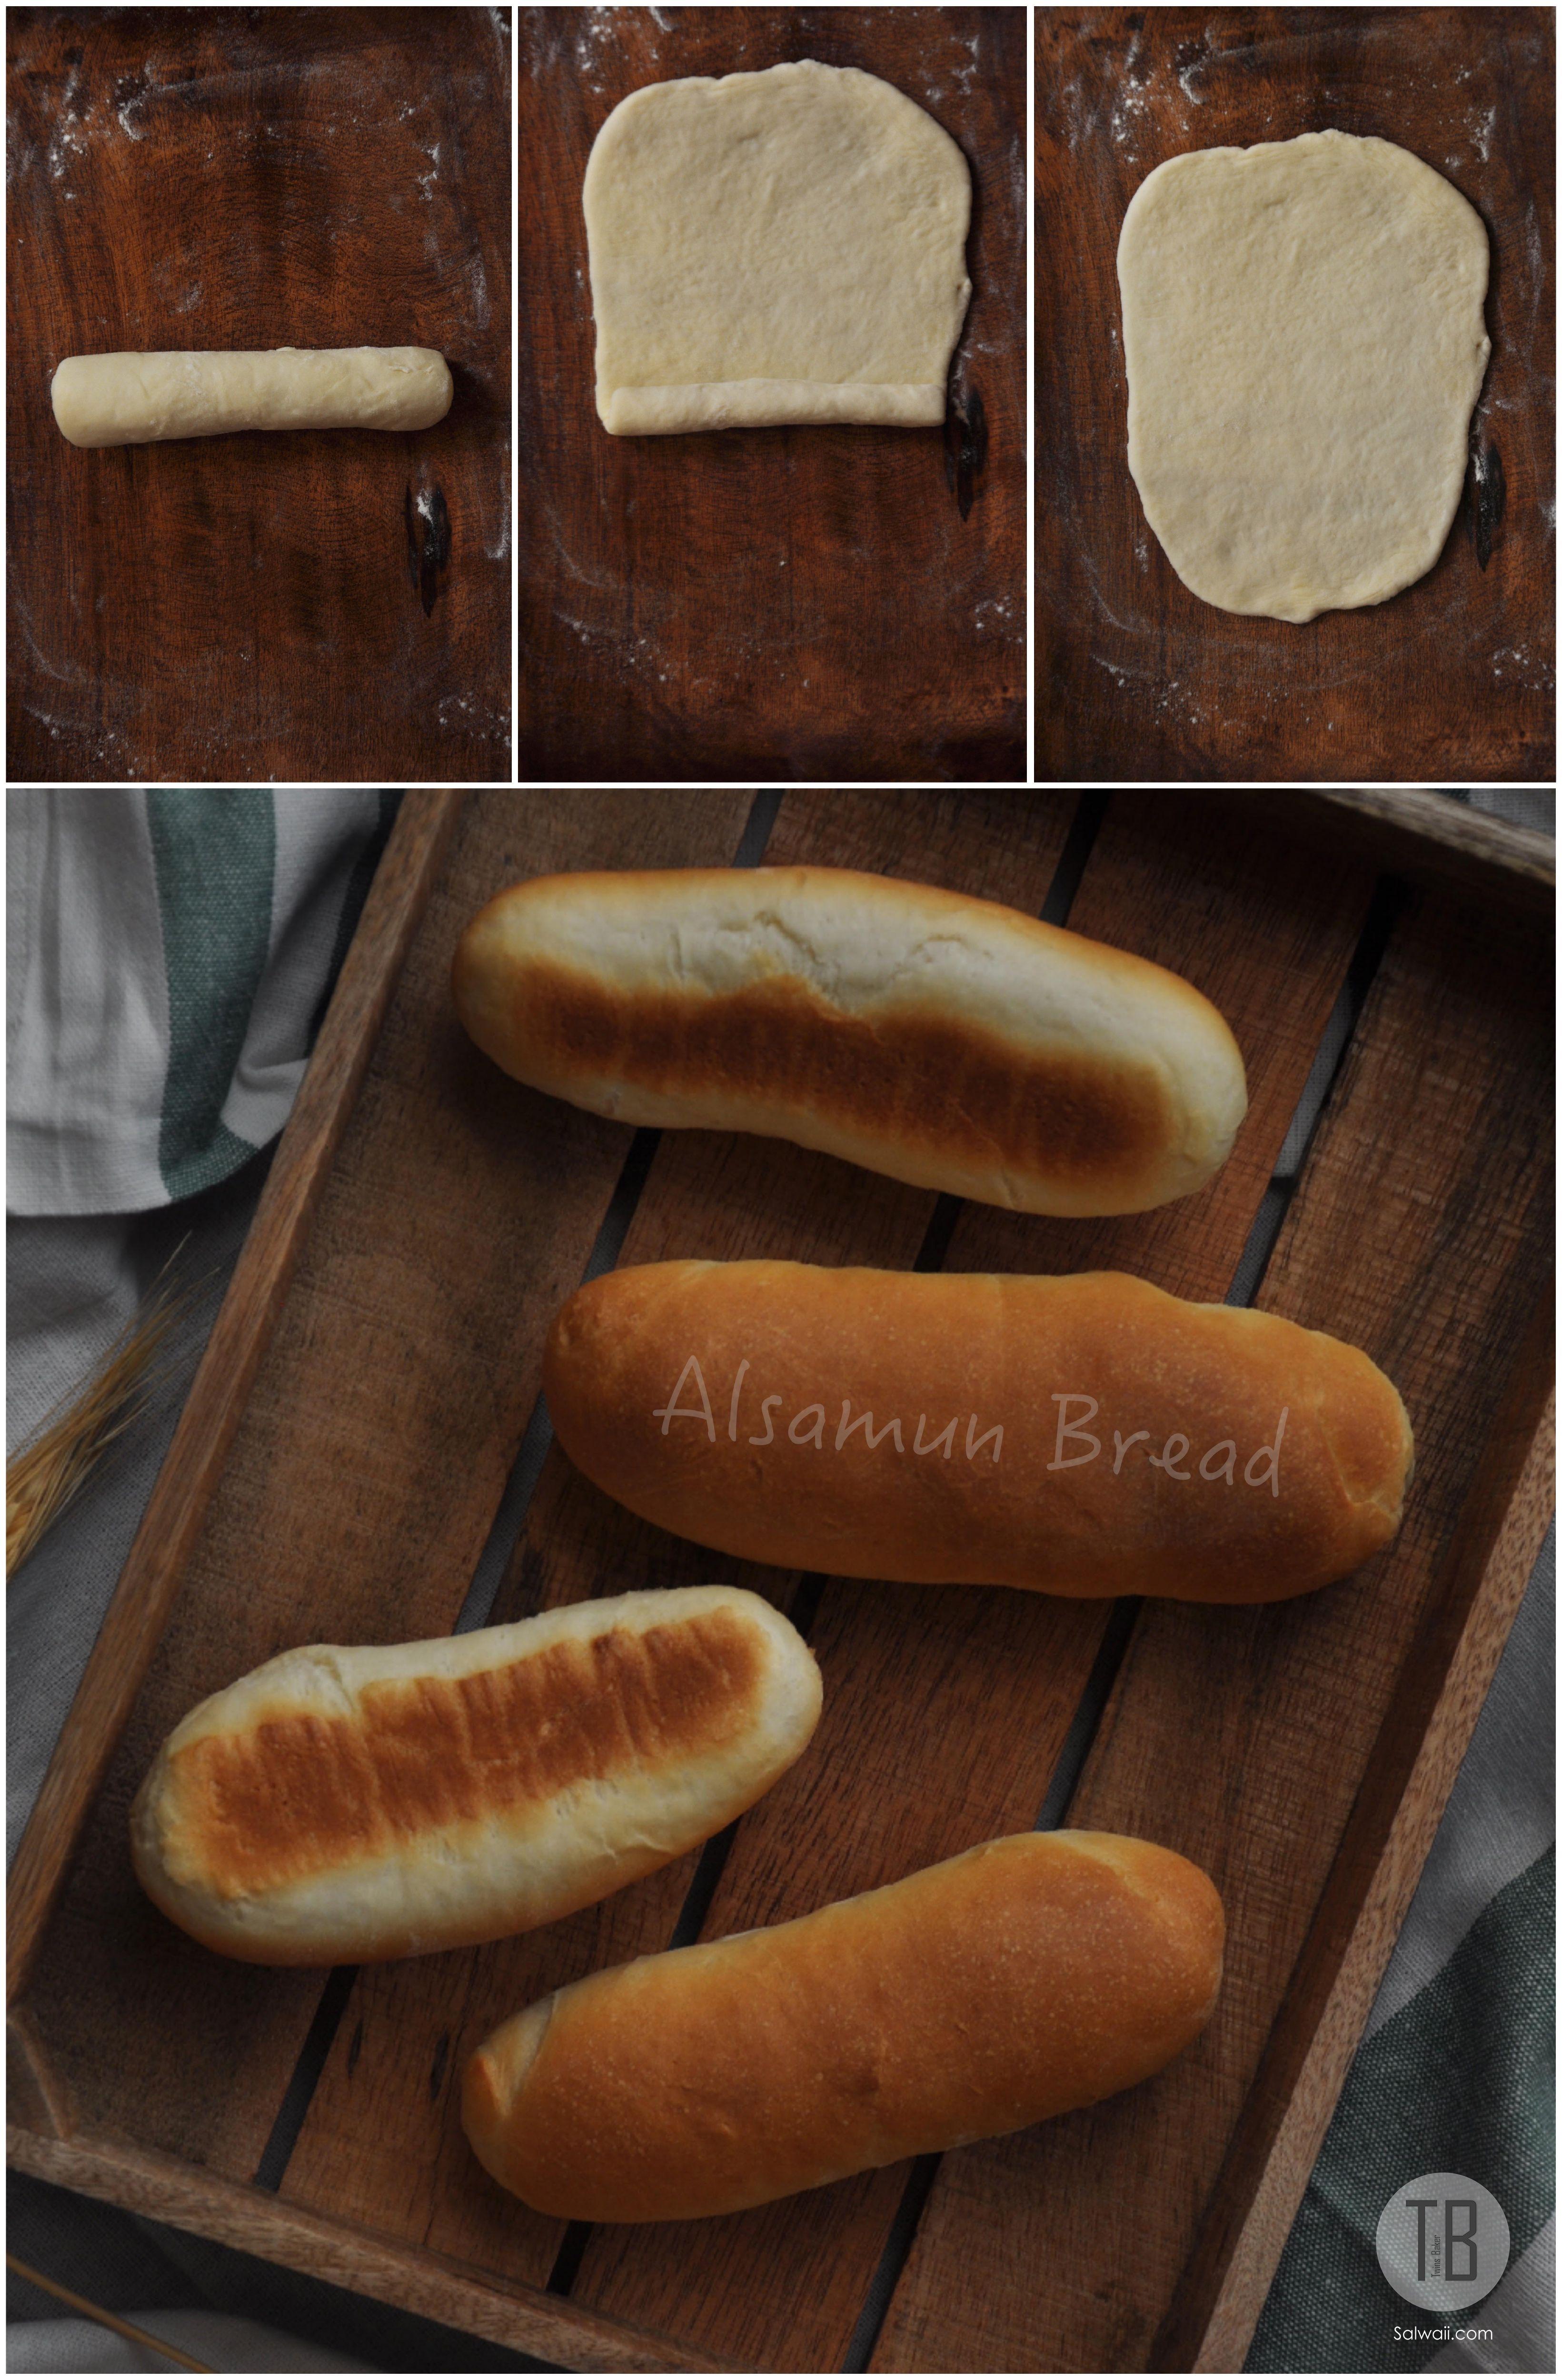 خبز الصامولي Alsamun Bread Bread Hot Dog Buns Bread Baking